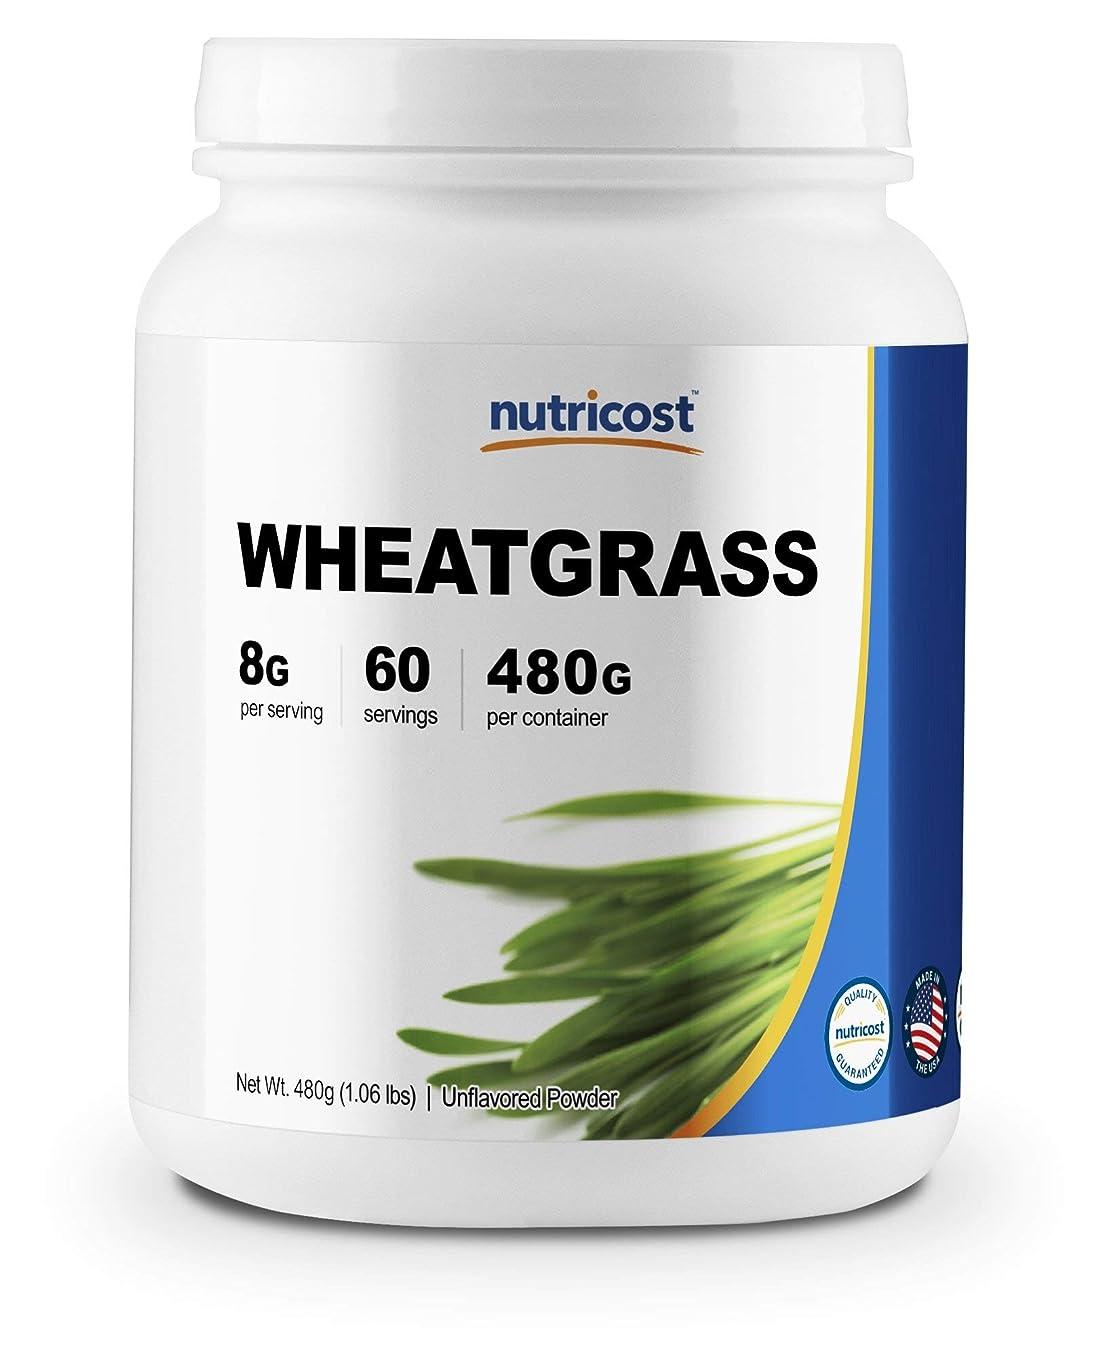 クラシカルスイス人社員Nutricost ウィートグラスパウダー (小麦若葉)、60食分、非GMO、グルテンフリー